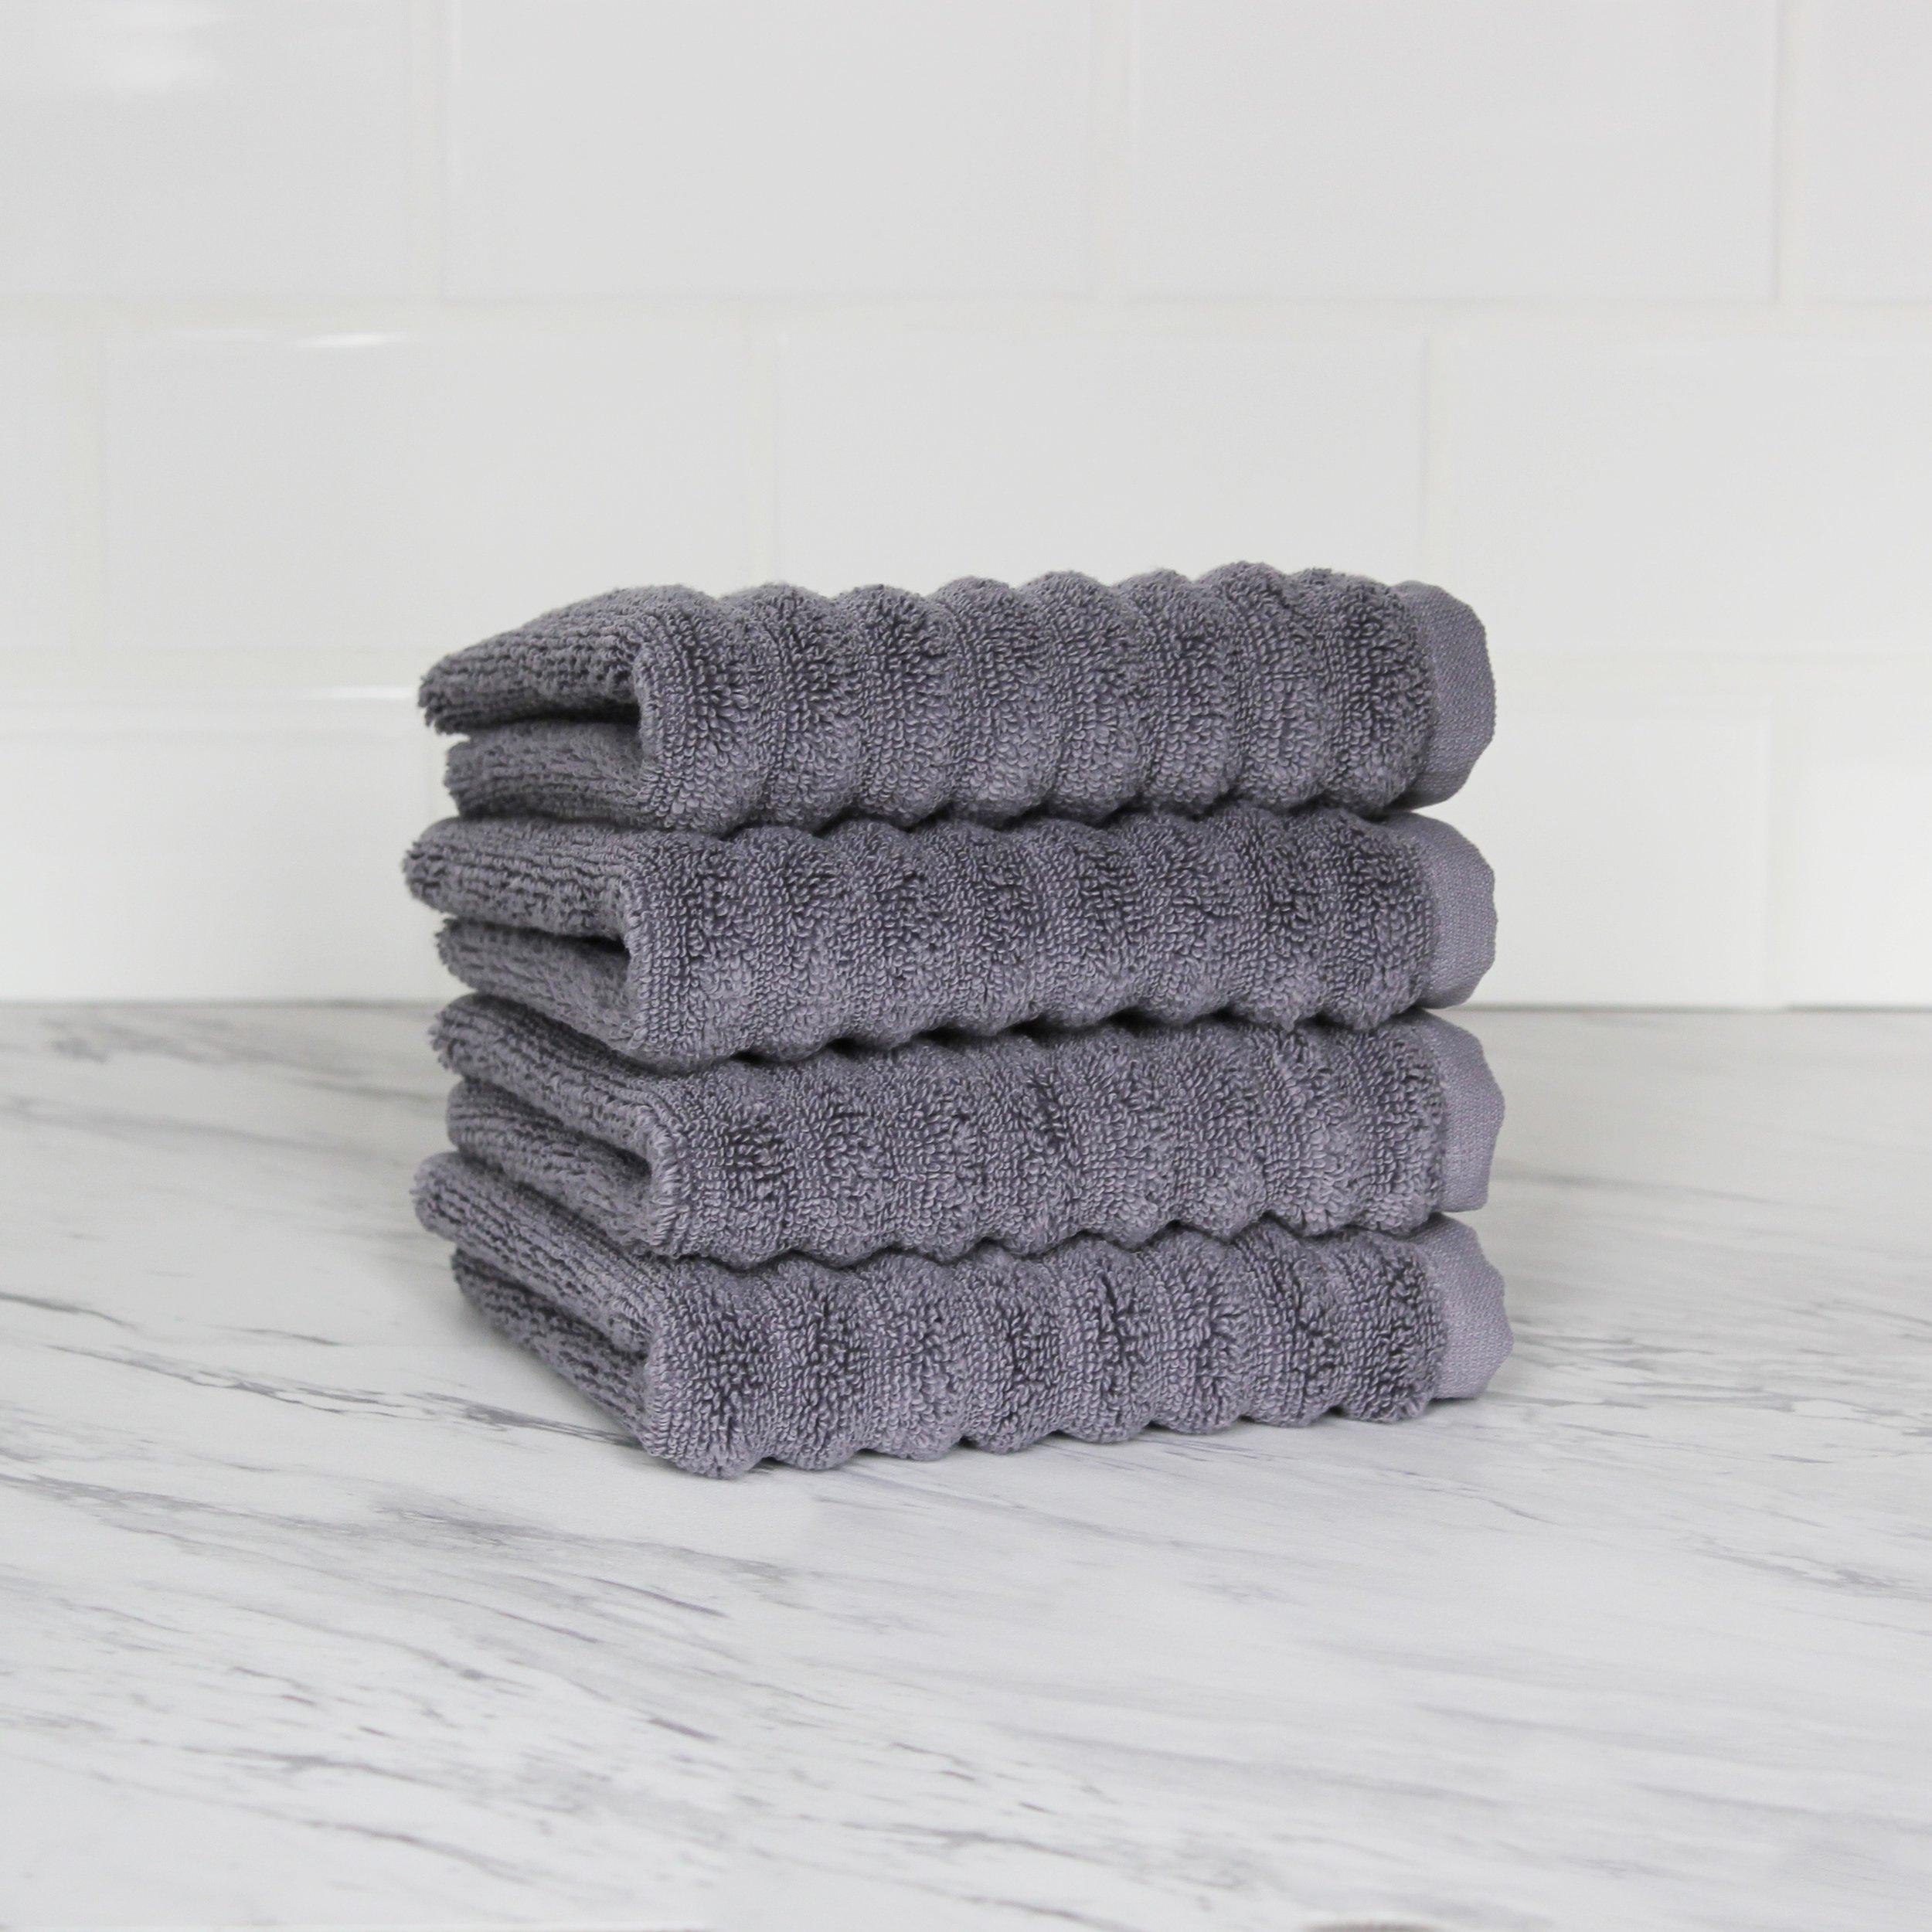 216758_100_turkish_zero_twist_cotton_4pc_wash_towel_set_anthrocite_grey.jpg